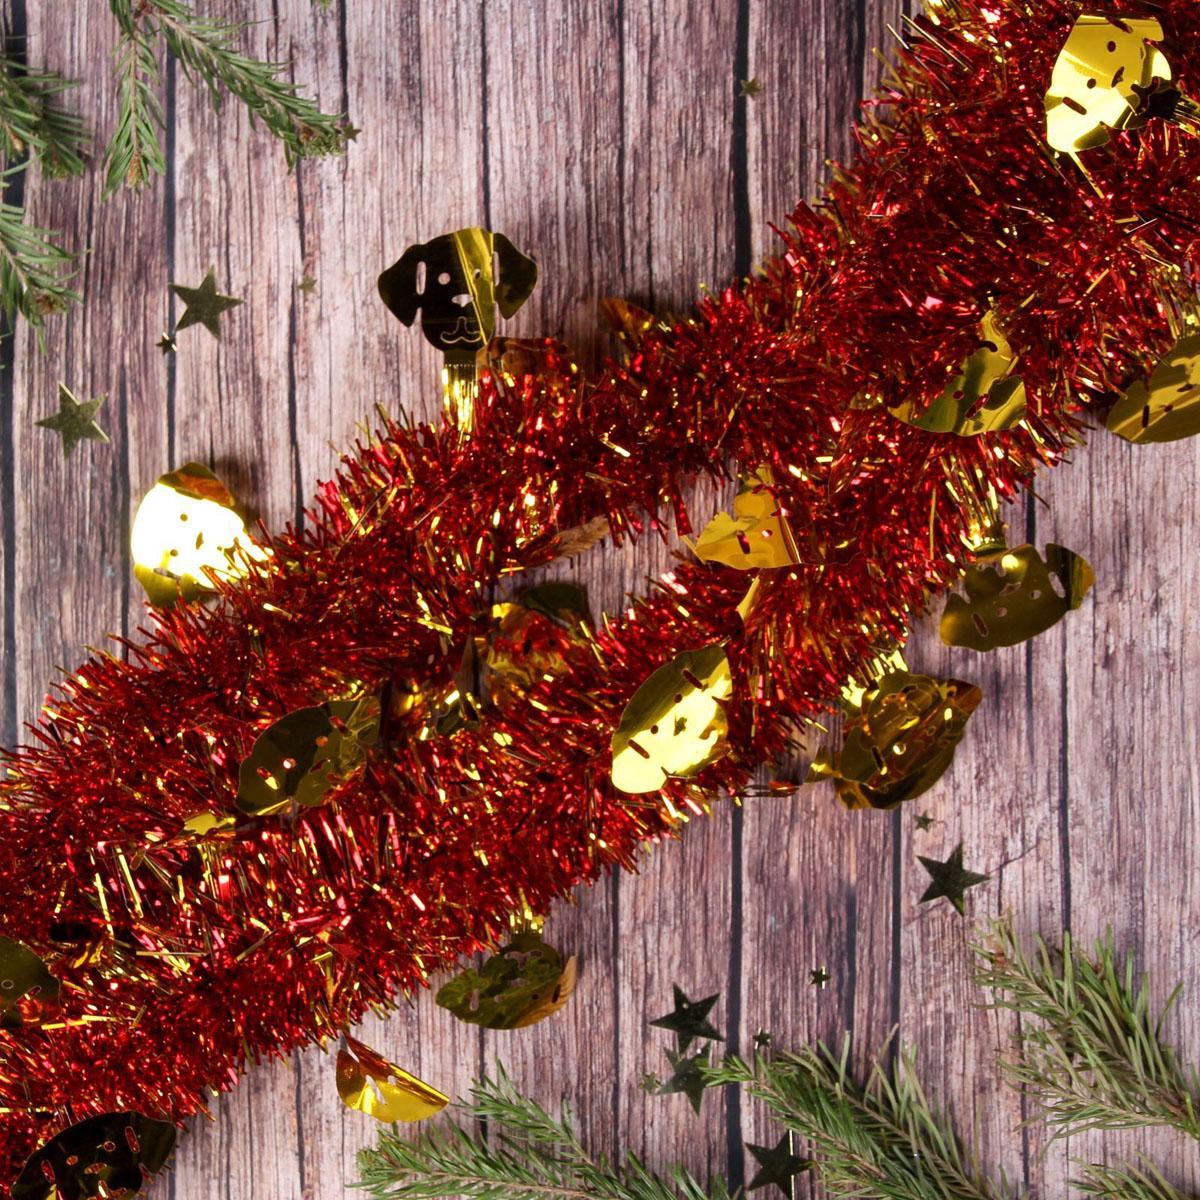 Мишура новогодняя Sima-land Собачка, цвет: красный, диаметр 5 см, длина 2 м. 23176492317649Мишура новогодняя Sima-land, выполненная из фольги с фигурками, поможет вам украсить свой дом к предстоящим праздникам. Новогодней мишурой можно украсить все, что угодно - елку, квартиру, дачу, офис - как внутри, так и снаружи. Можно сложить новогодние поздравления, буквы и цифры, мишурой можно украсить и дополнить гирлянды, можно выделить дверные колонны, оплести дверные проемы. Мишура принесет в ваш дом ни с чем несравнимое ощущение праздника! Создайте в своем доме атмосферу тепла, веселья и радости, украшая его всей семьей.